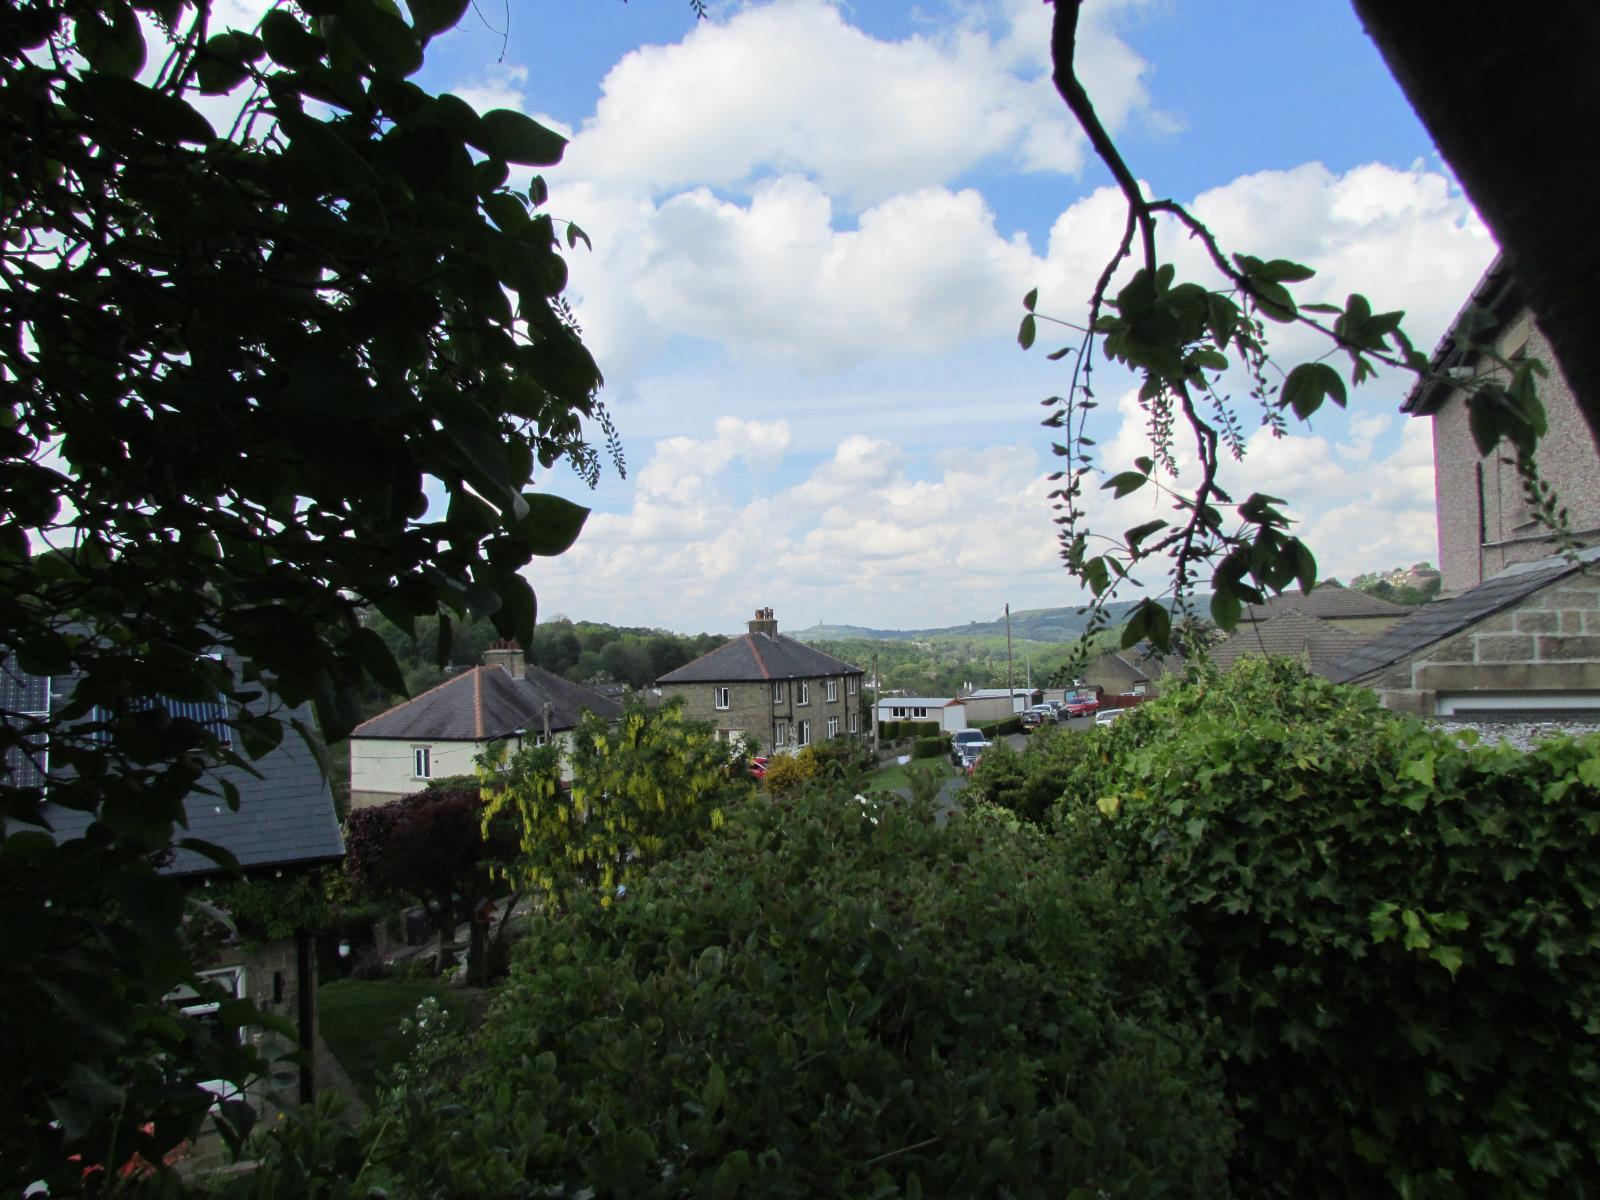 Marcliff, Cartworth Road, Holmfirth, HD9 2RQ